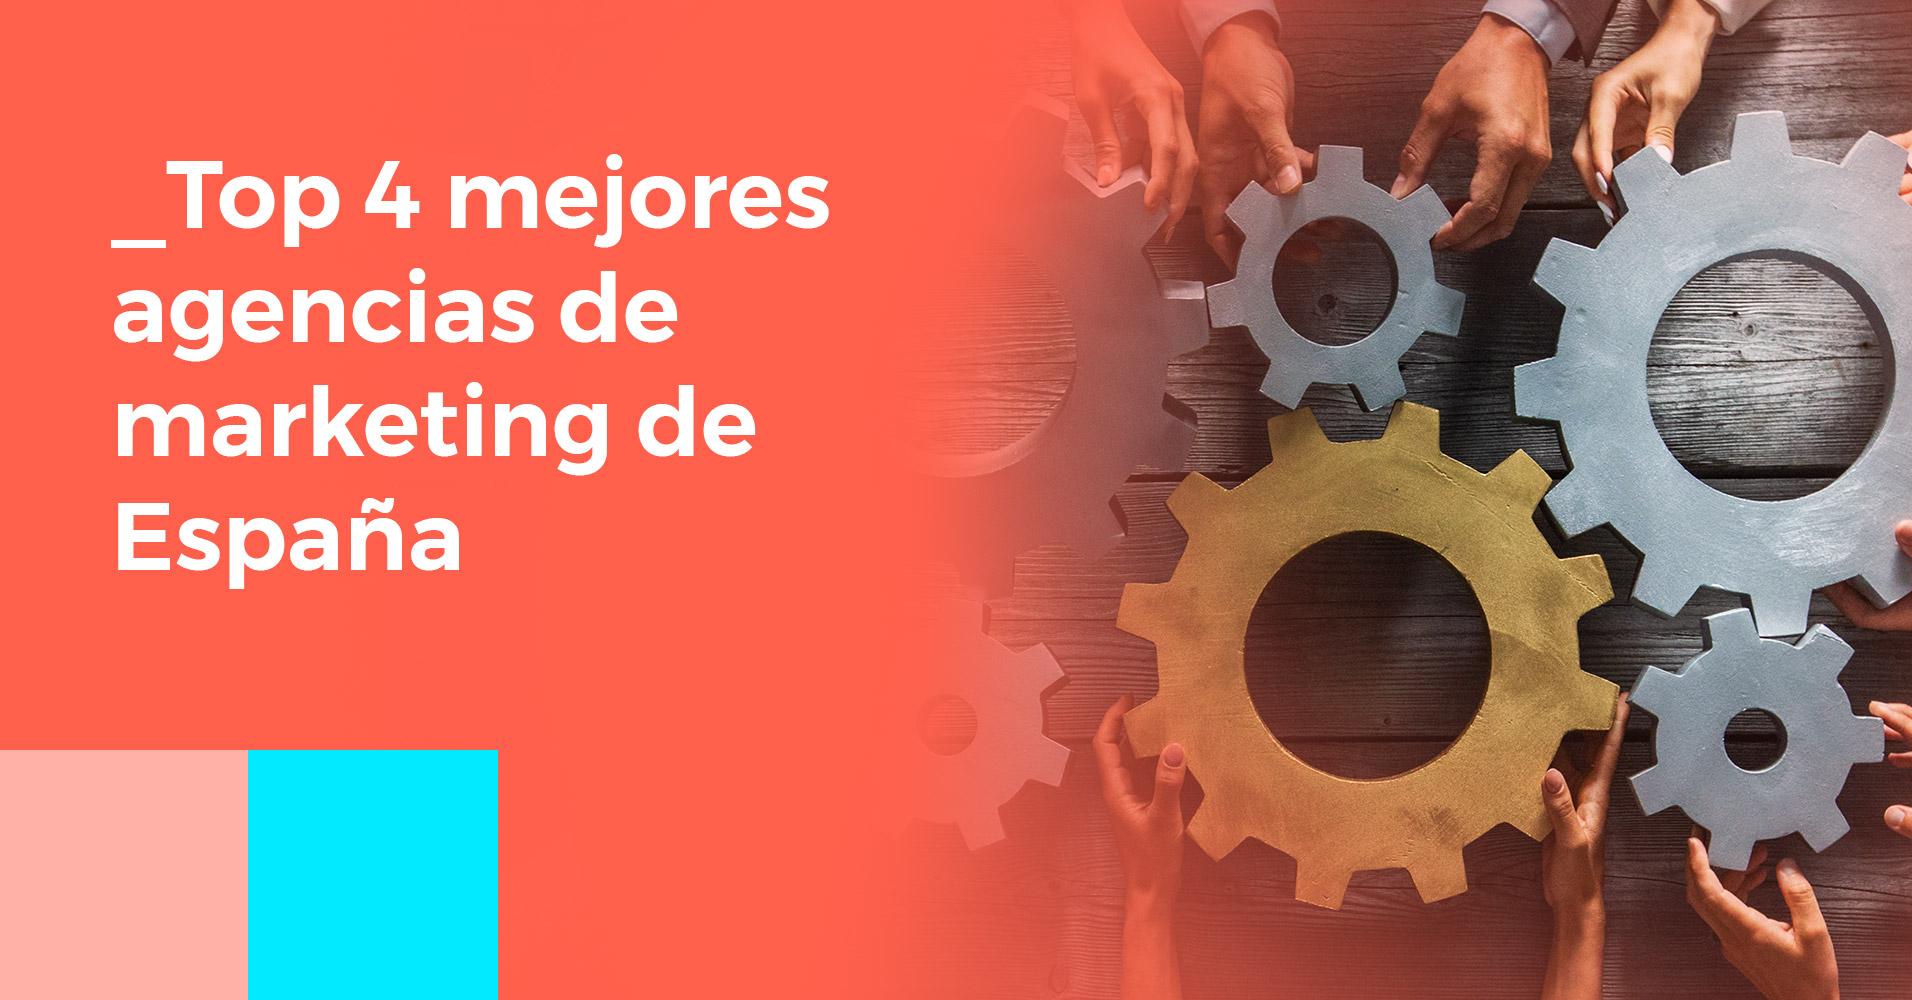 Estas son, para nosotros, las mejores asociaciones de marketing en España